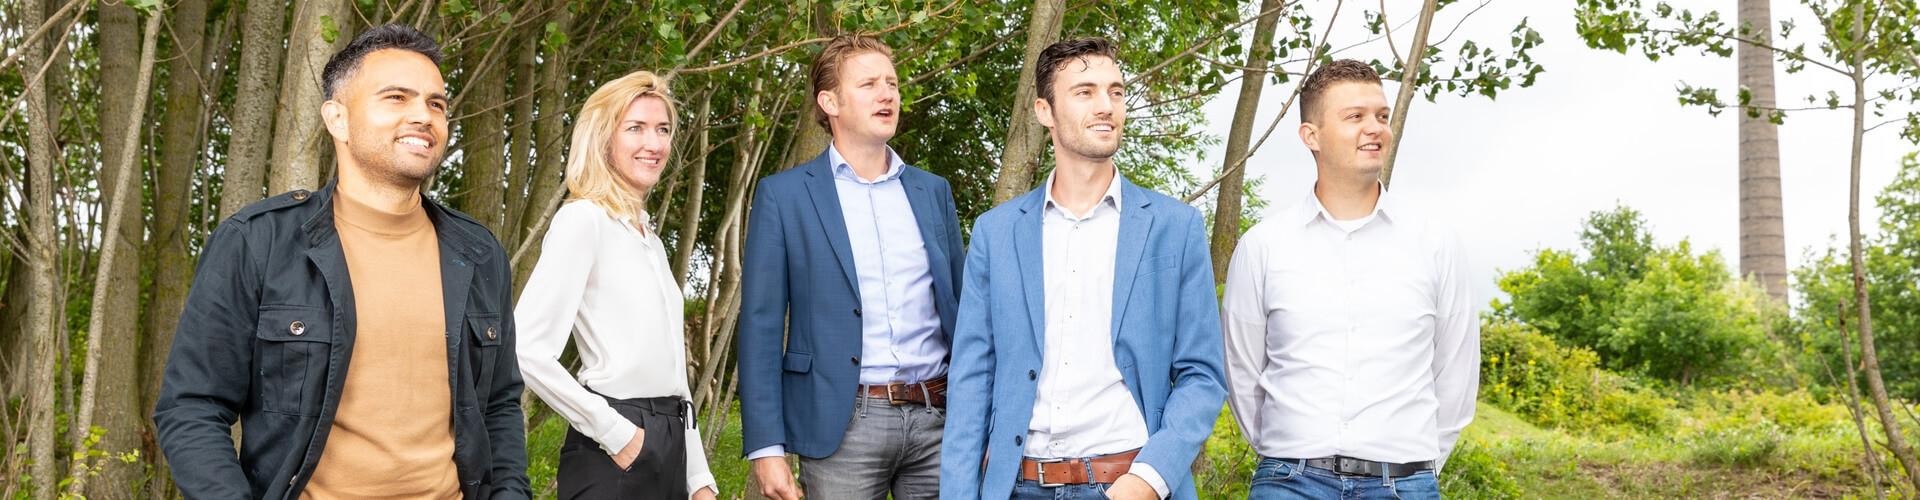 Nieuwbouwspecialist Gorinchem en Leerdam